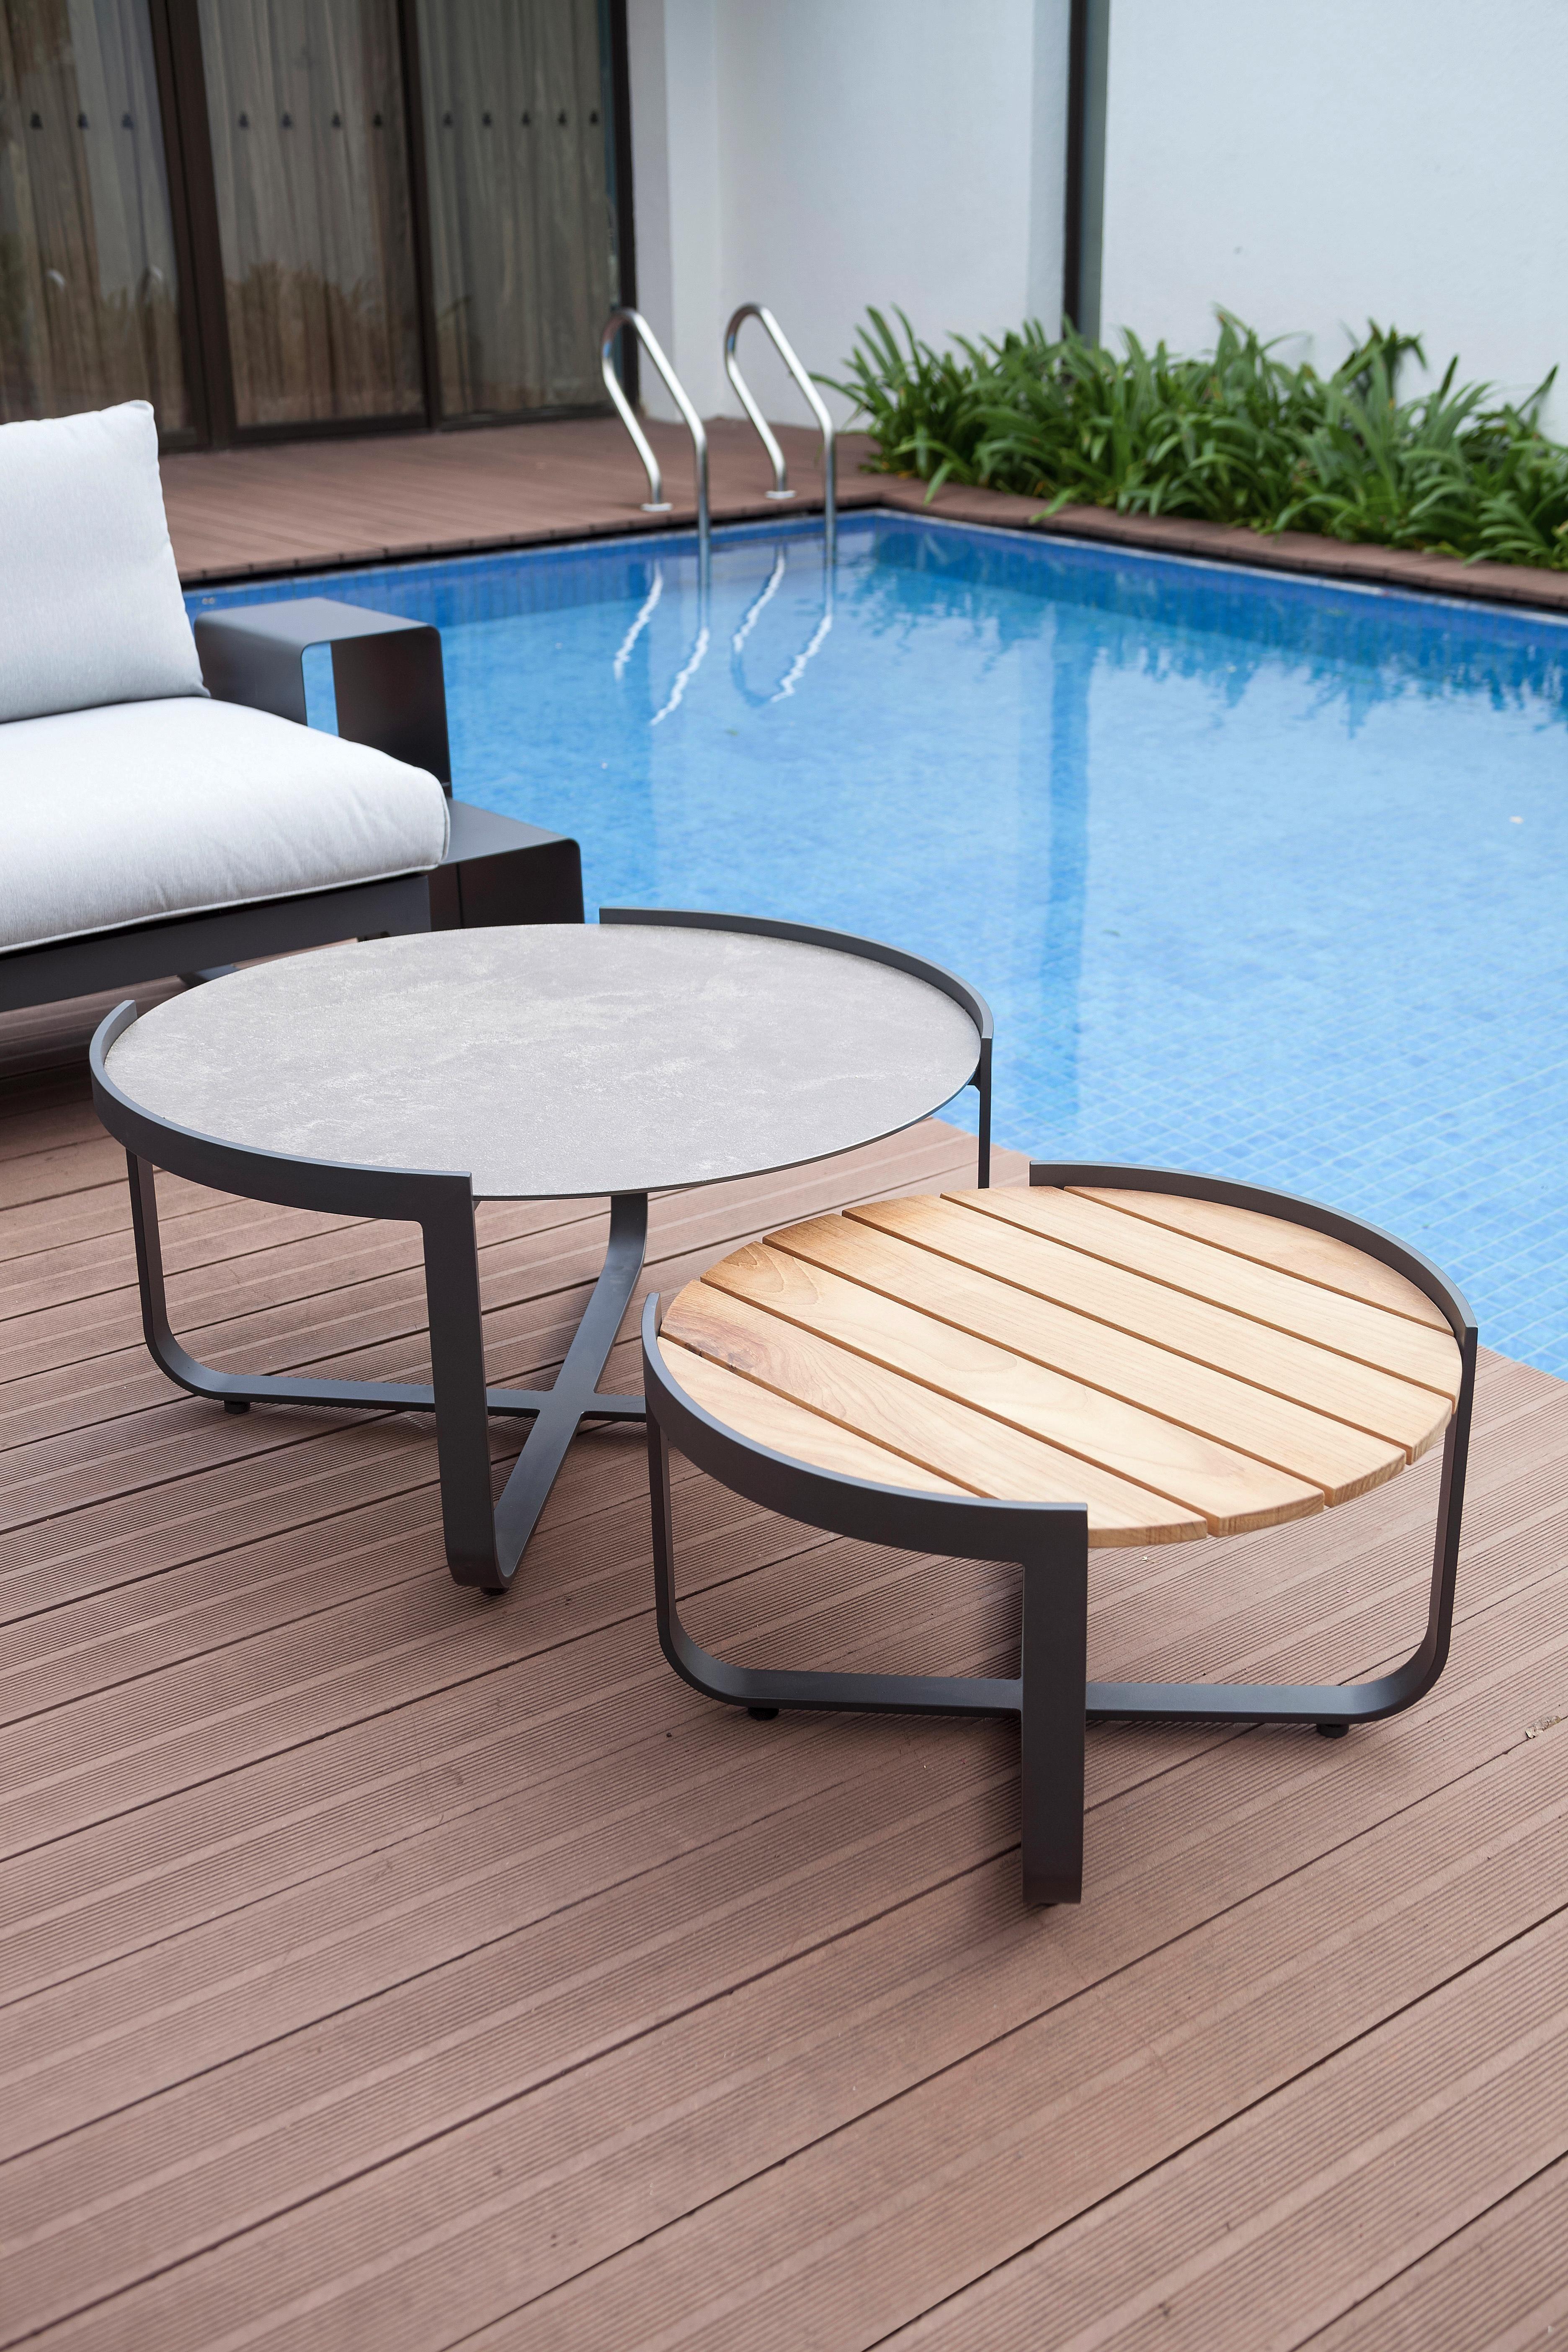 Loungetisch Rund Teak Glas Online Kaufen Lounge Tisch Couchtisch Teak Lounge Mobel